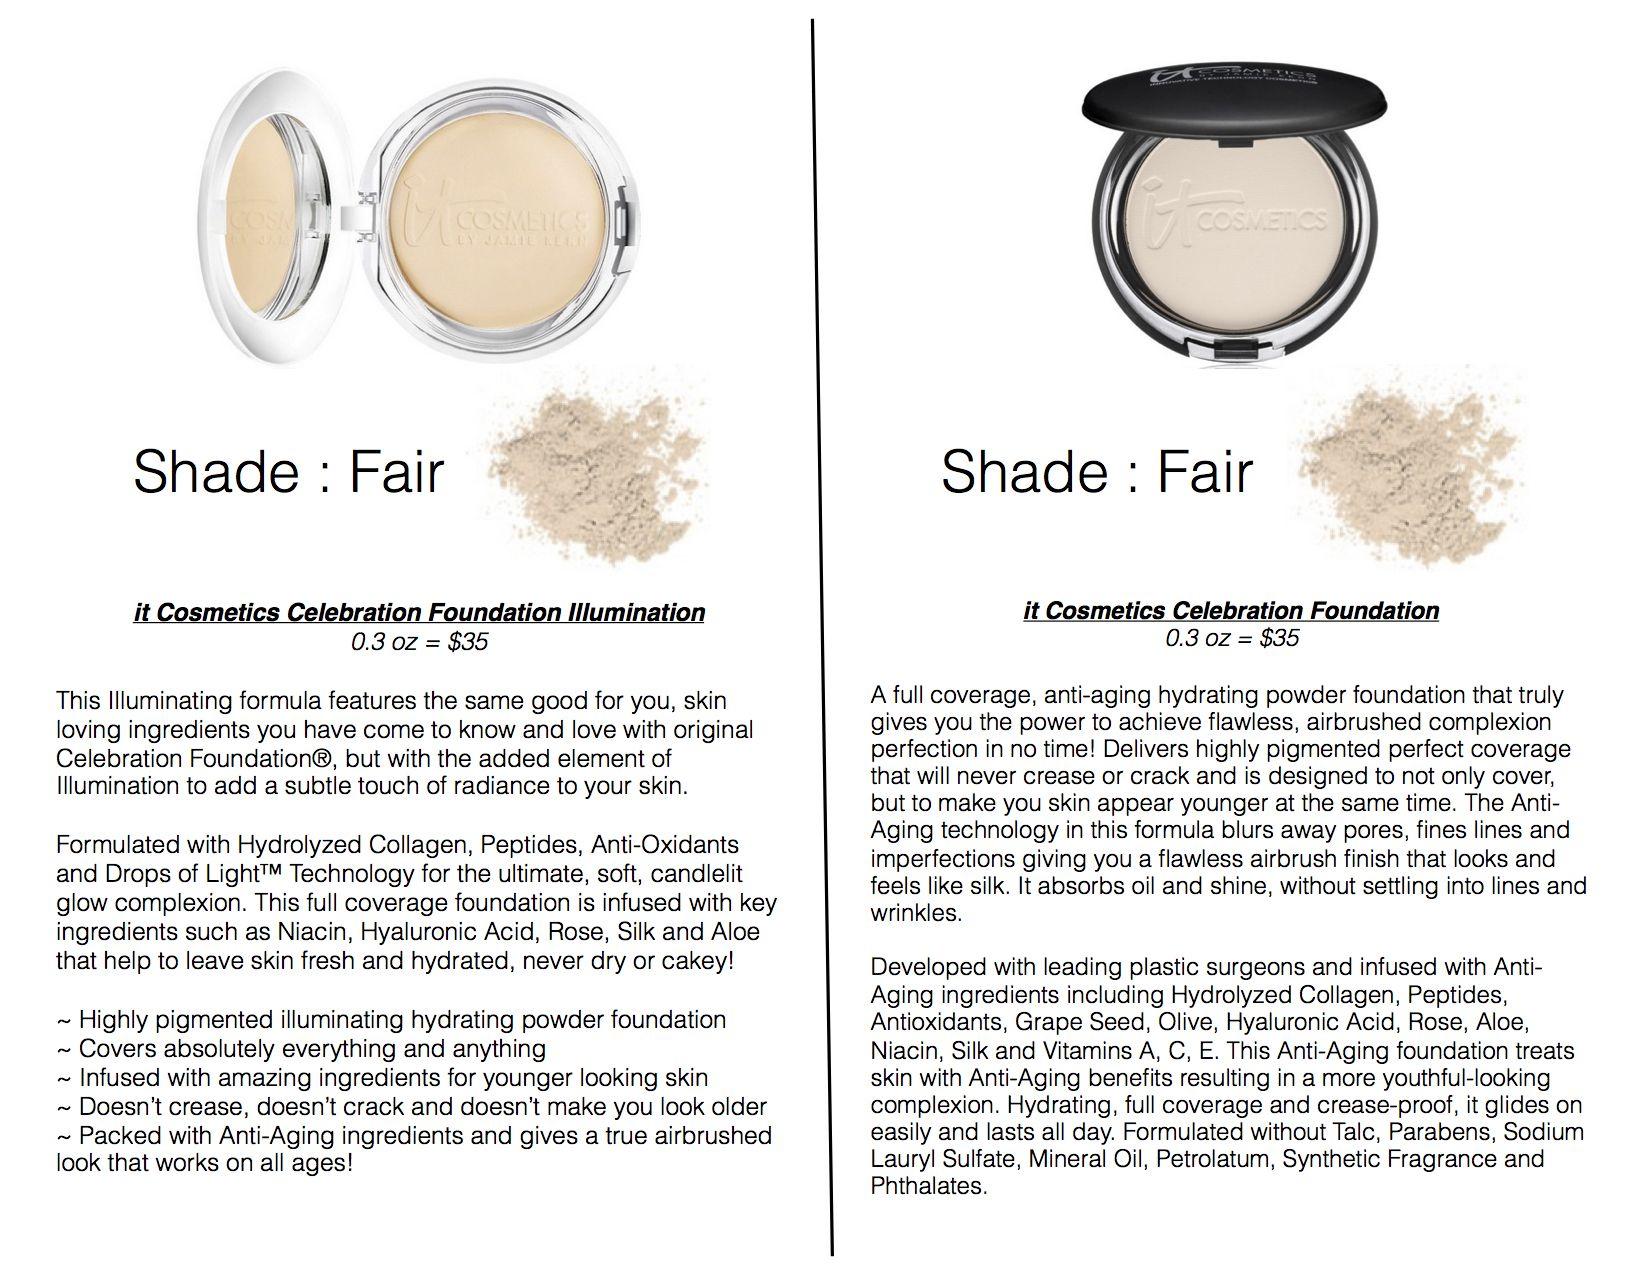 it Cosmetics Celebration Foundation vs Celebration